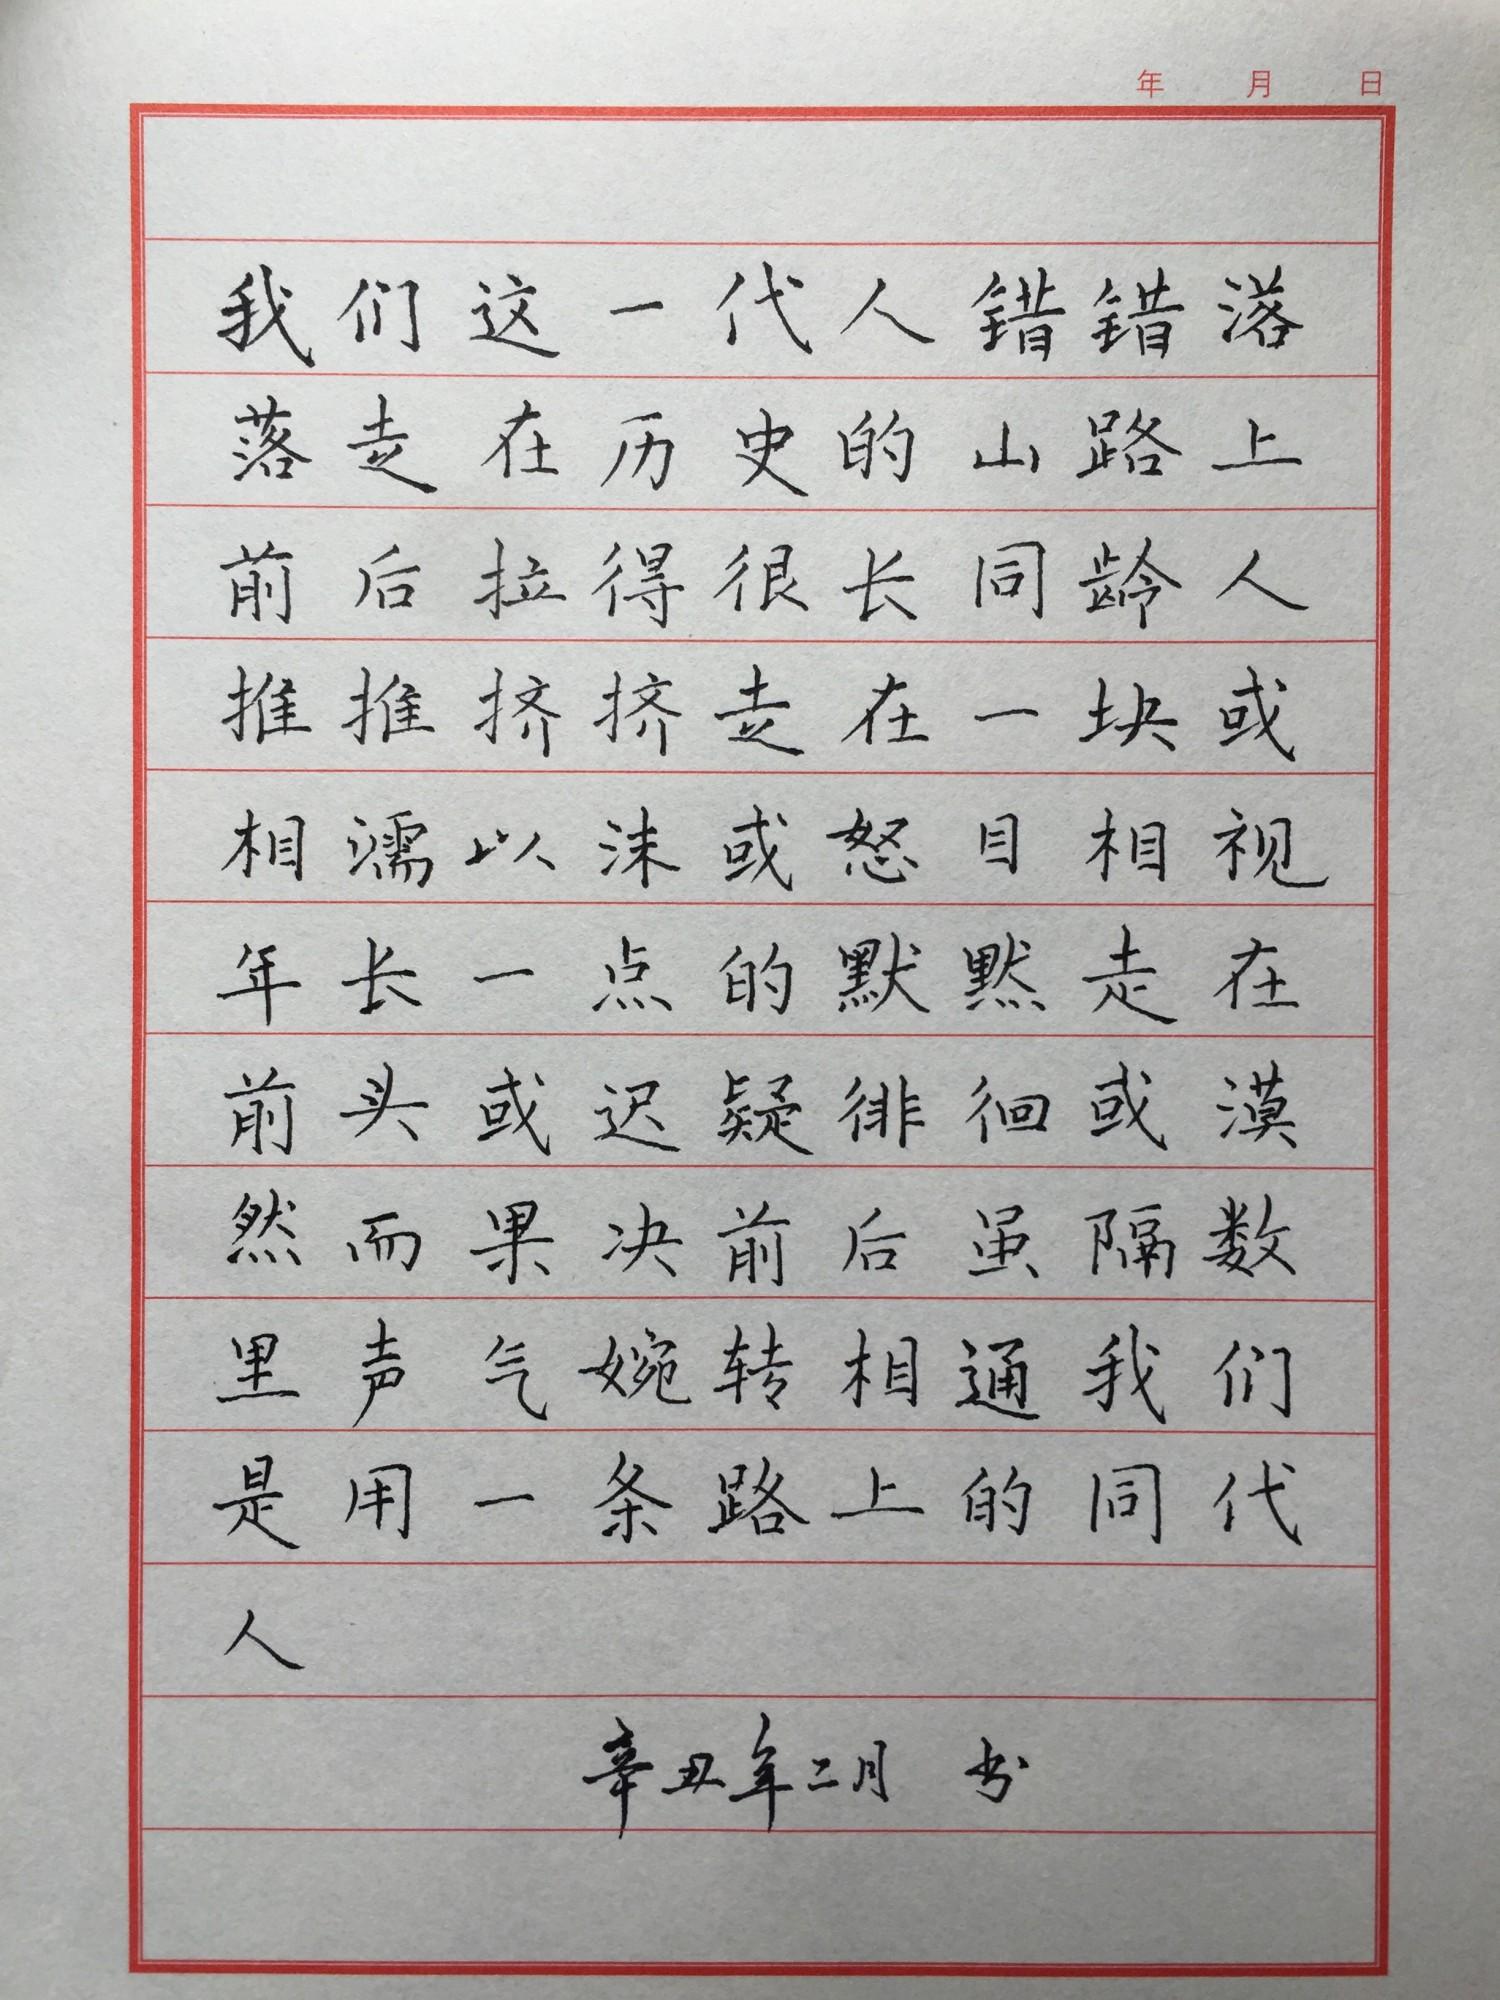 钢笔爱好者练字打卡20210316-10